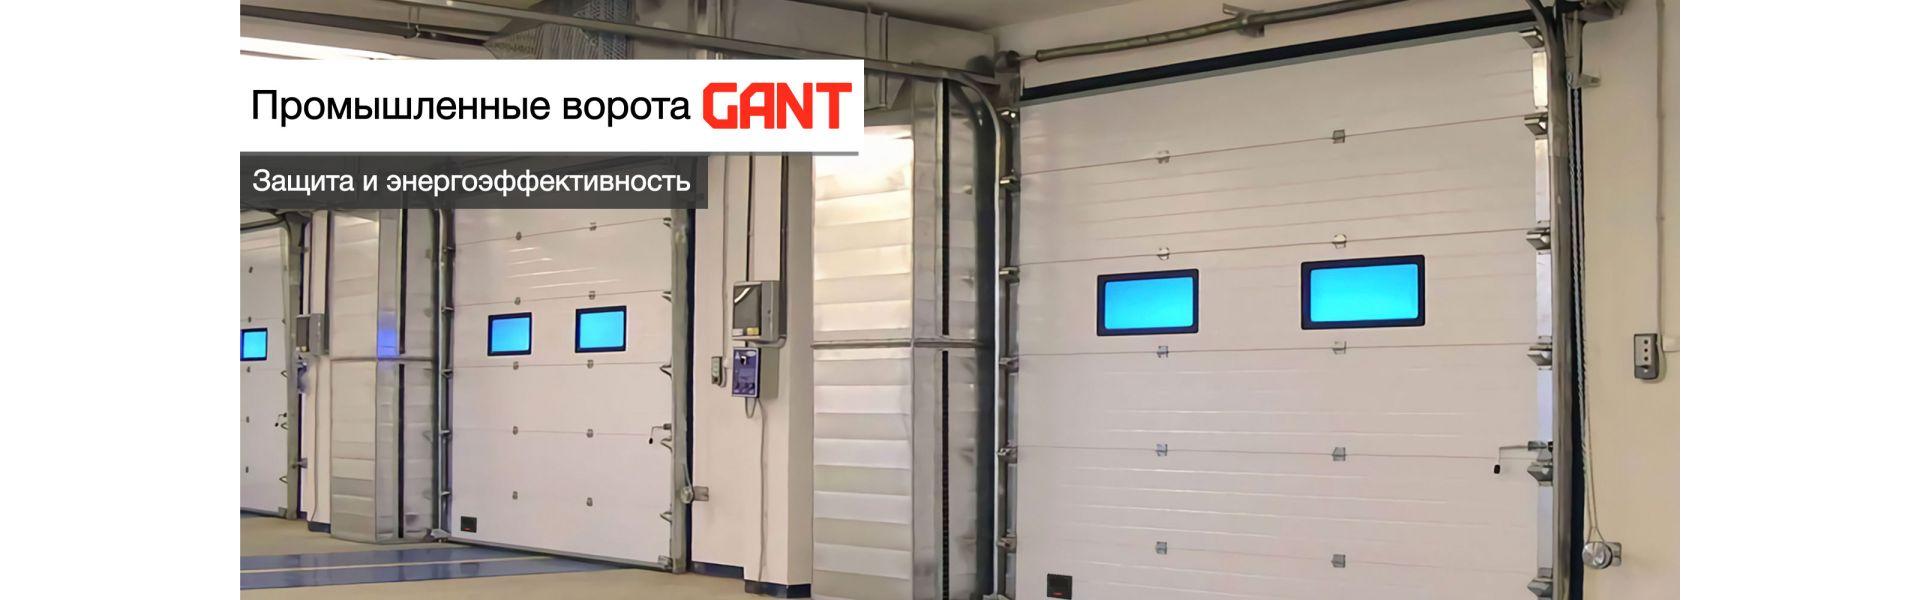 Промышленные ворота Гант